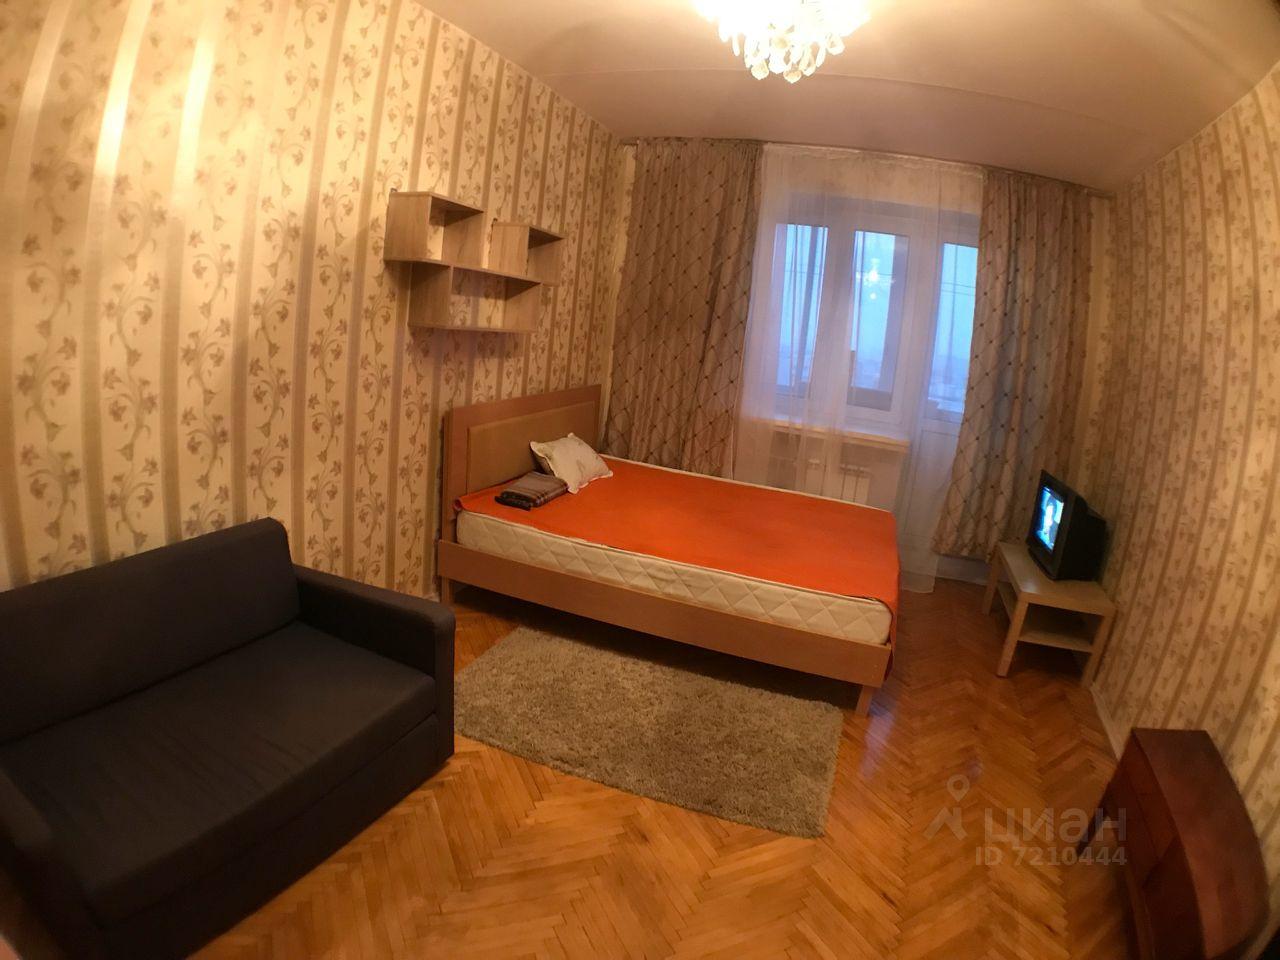 новинки городе невьянск квартиры однокомнатные снять новых ощущений